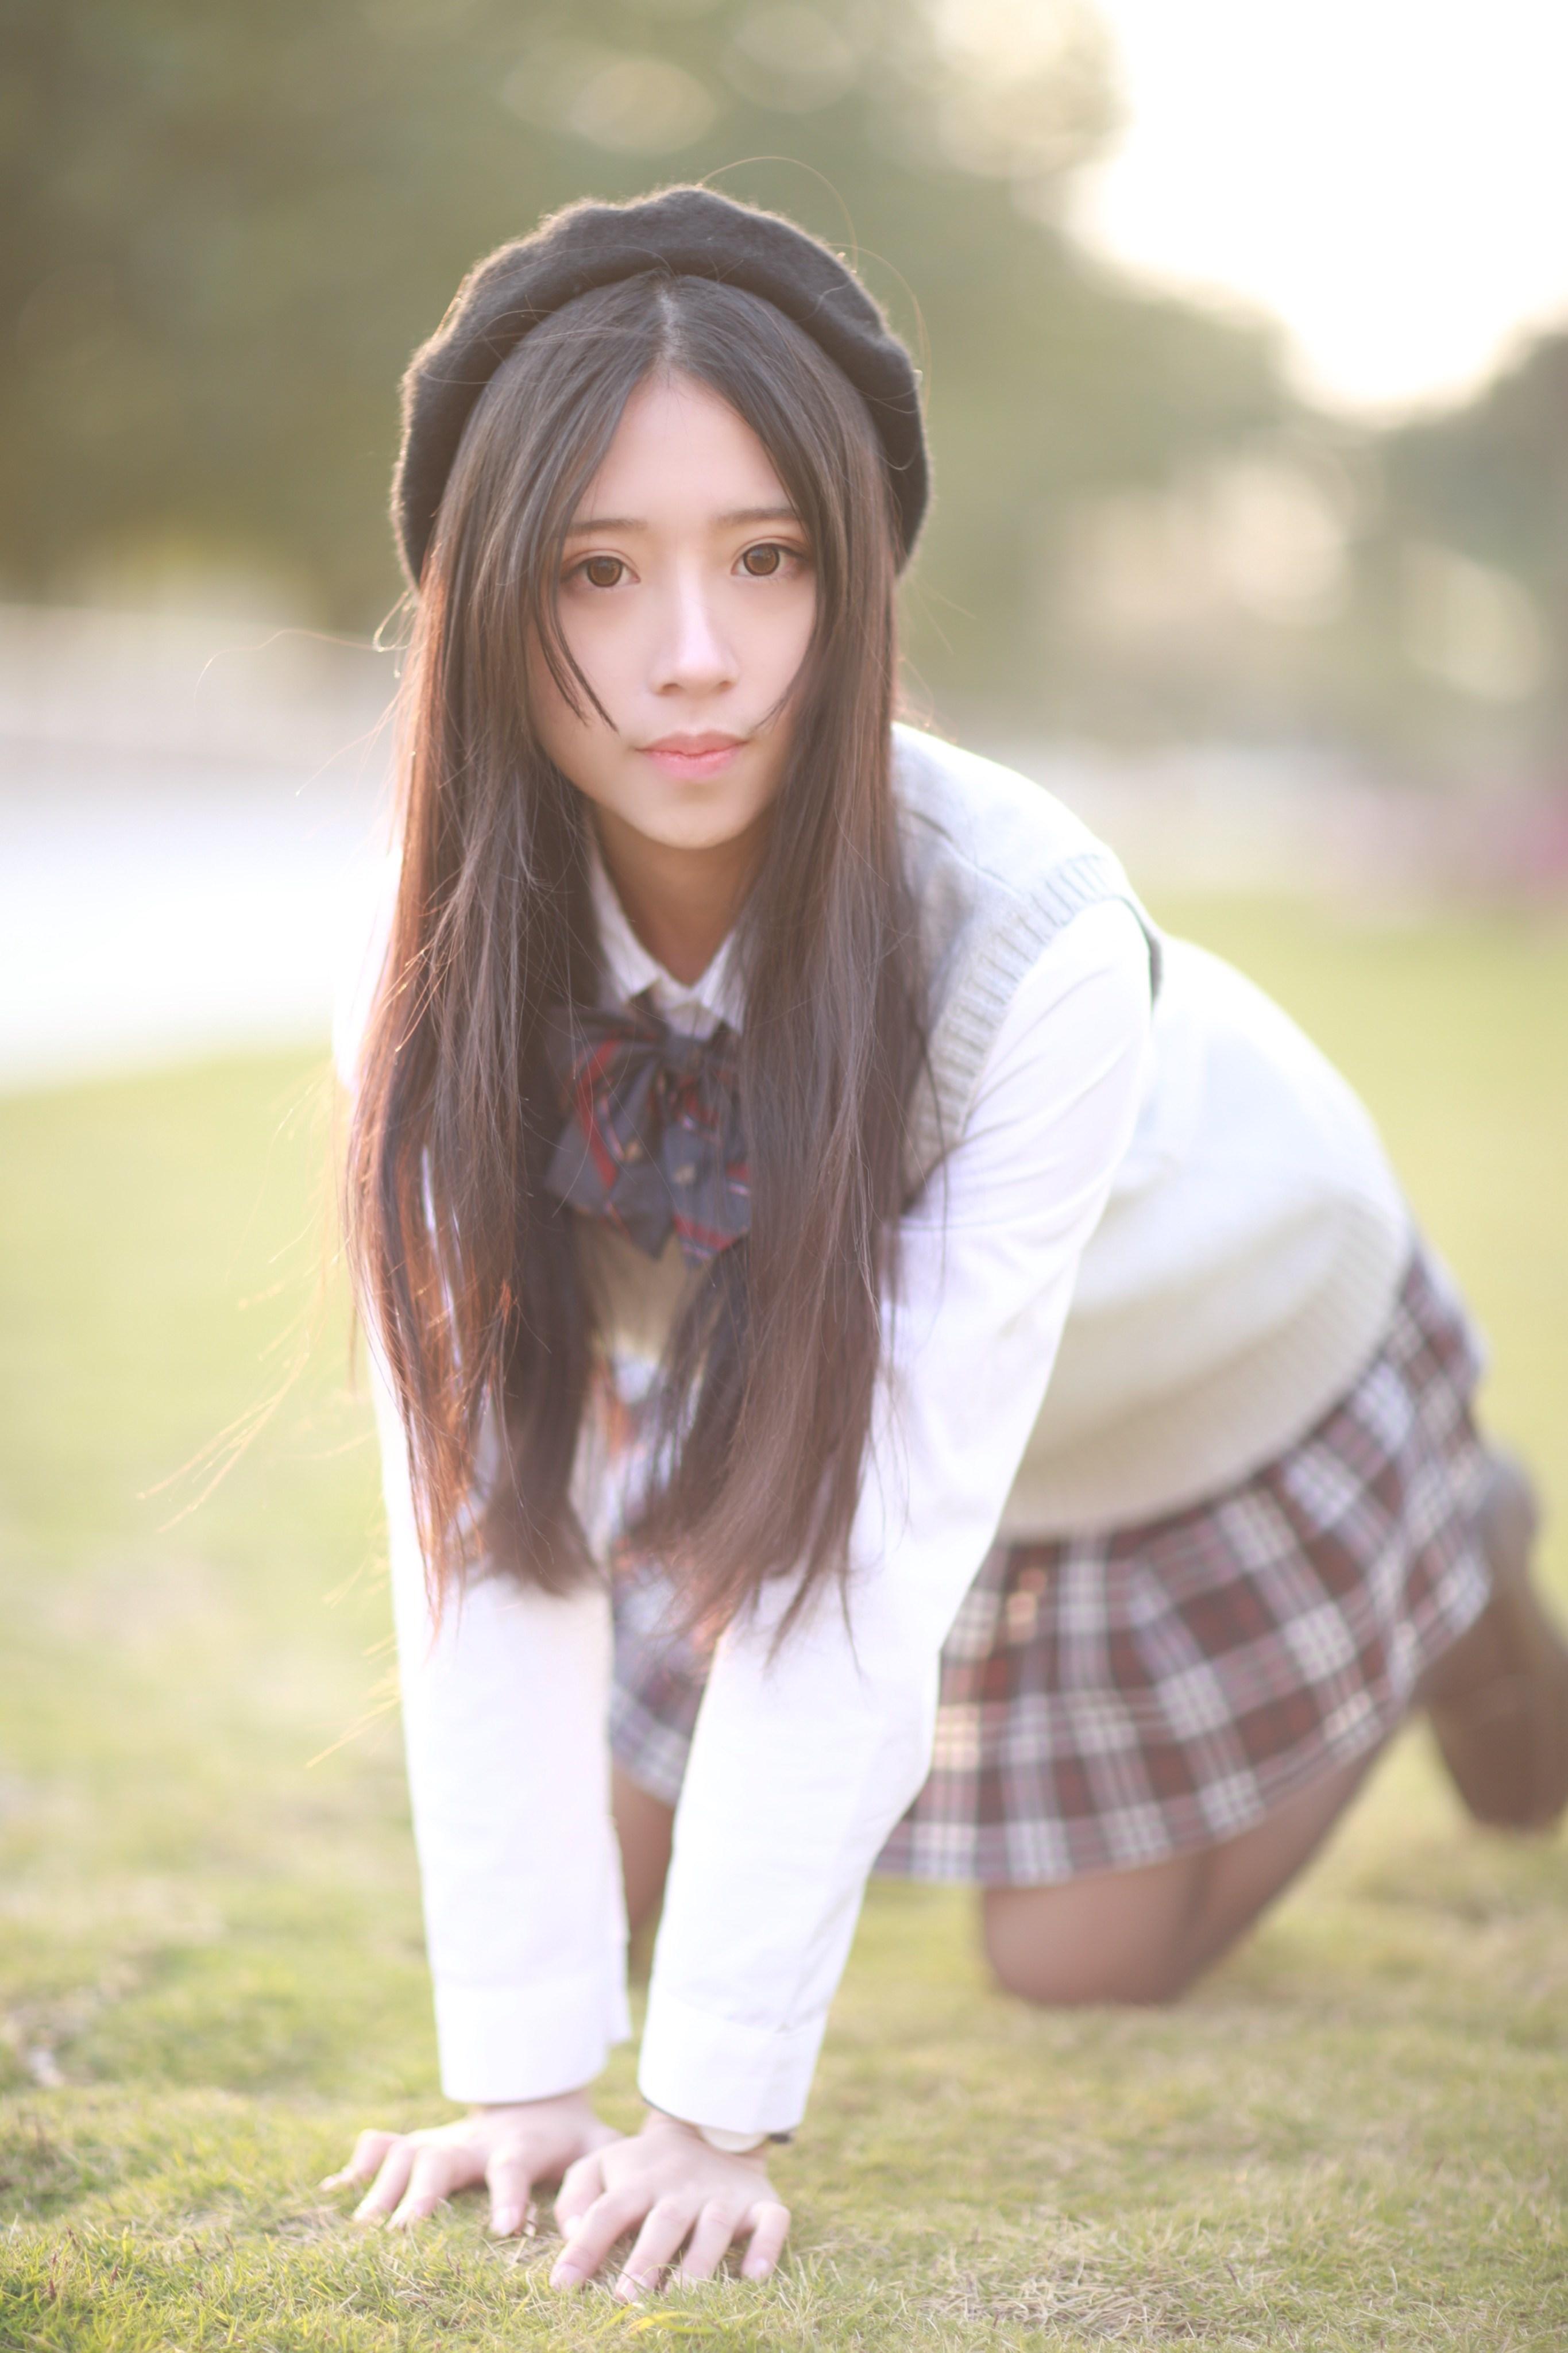 【兔玩映画】制服黑丝 兔玩映画 第18张